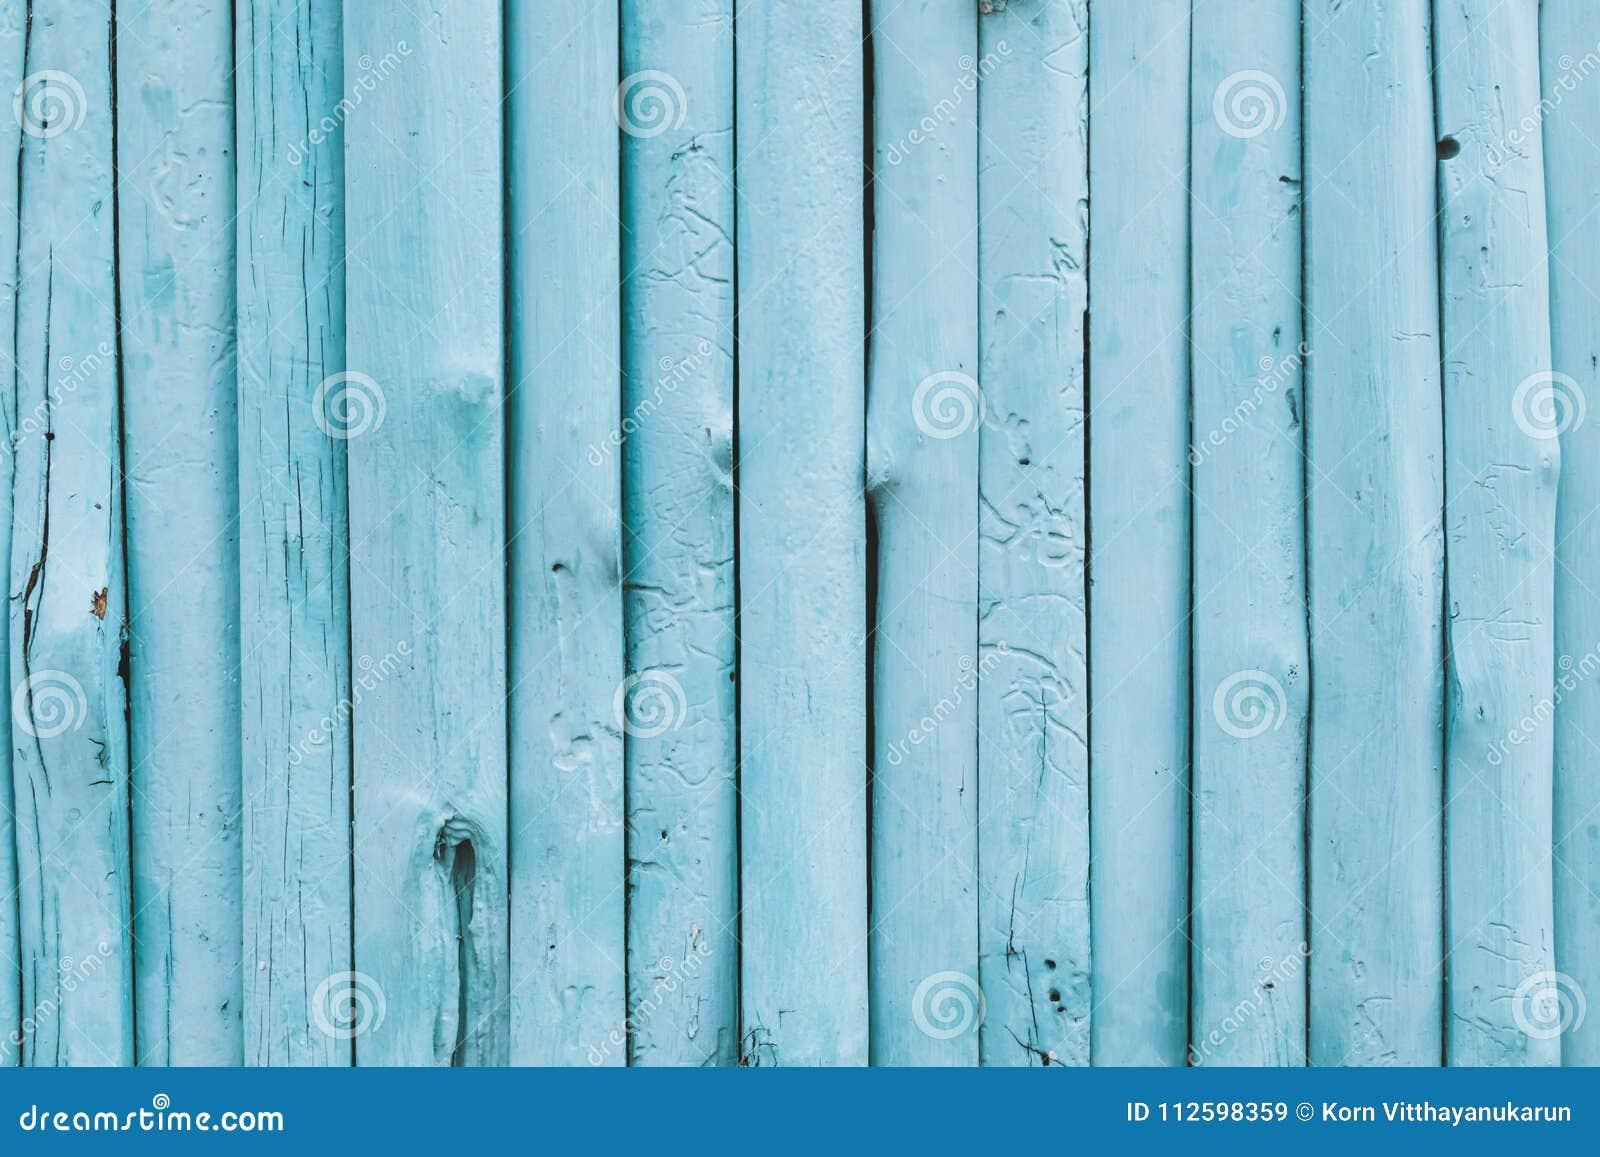 Fundo azul da madeira da cor do oceano